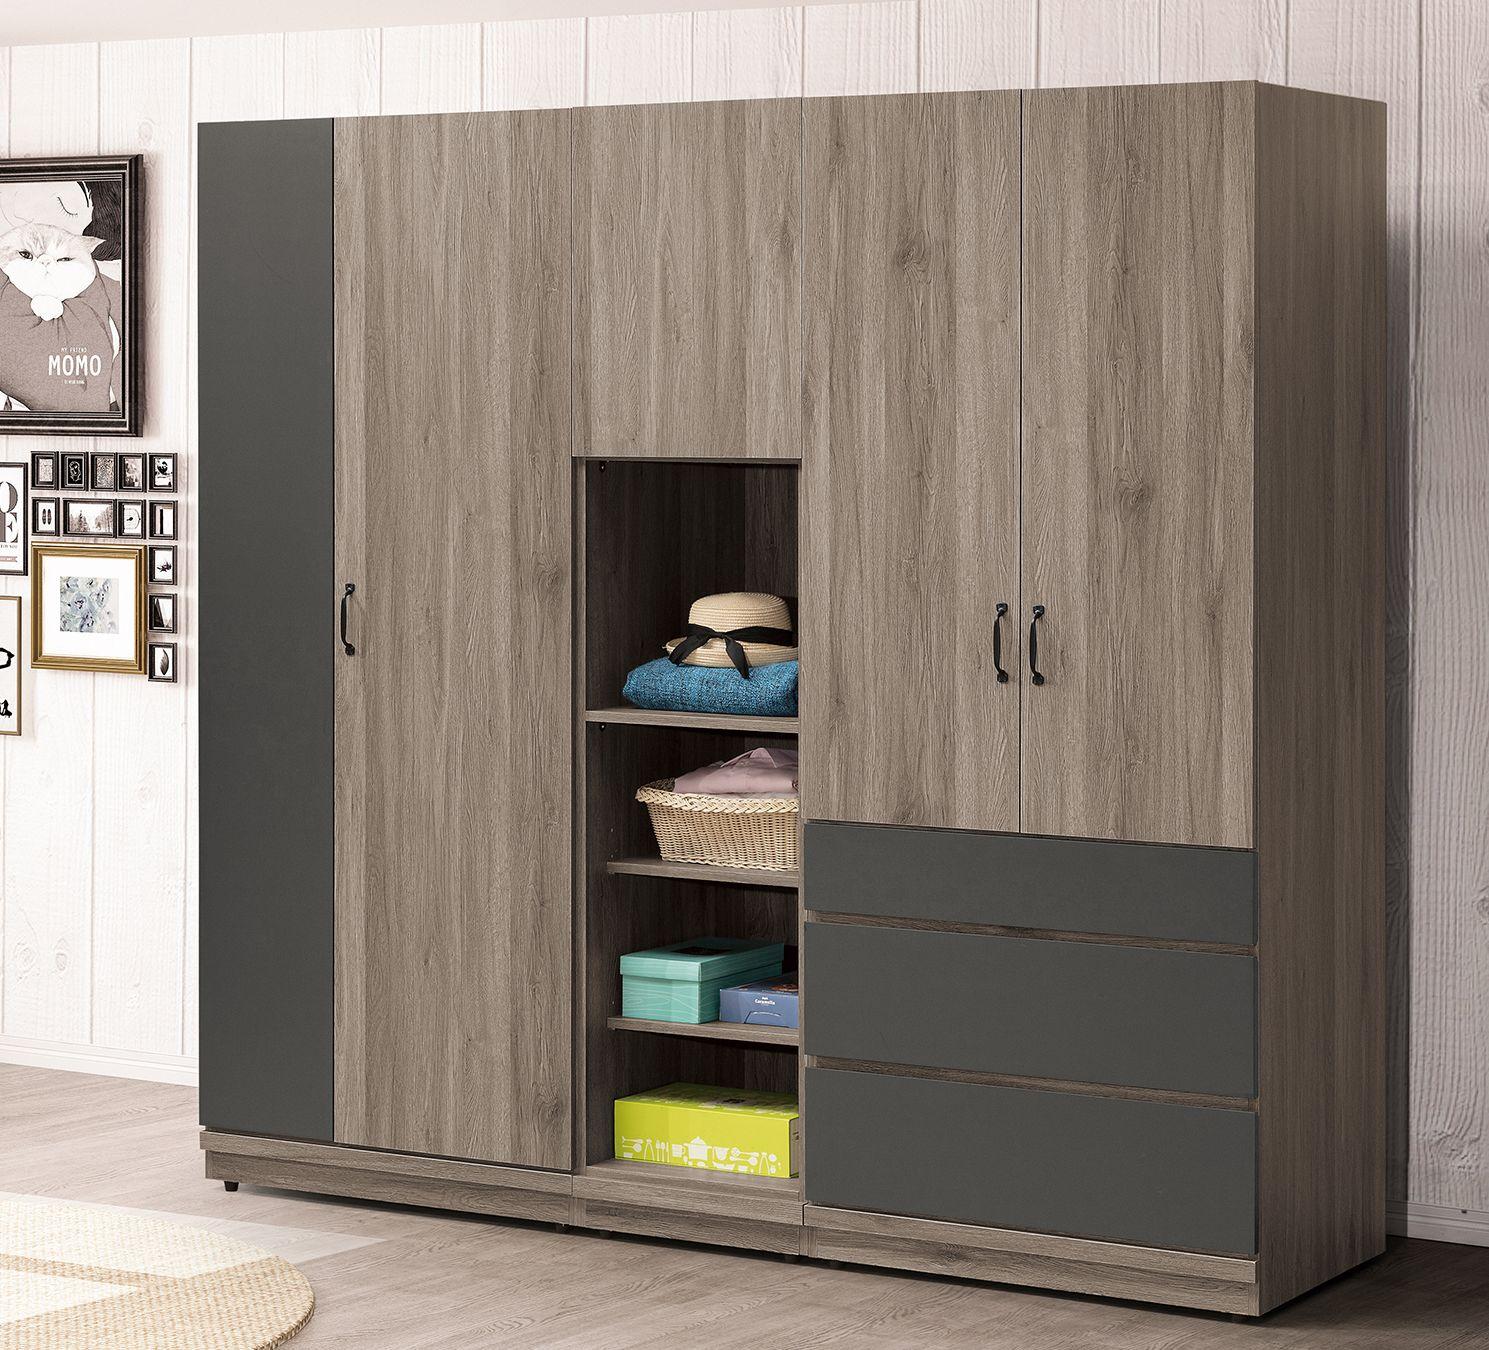 簡單家具,M602-1 灰橡雙色6.8尺衣櫥(整組),大台北都會區免運費